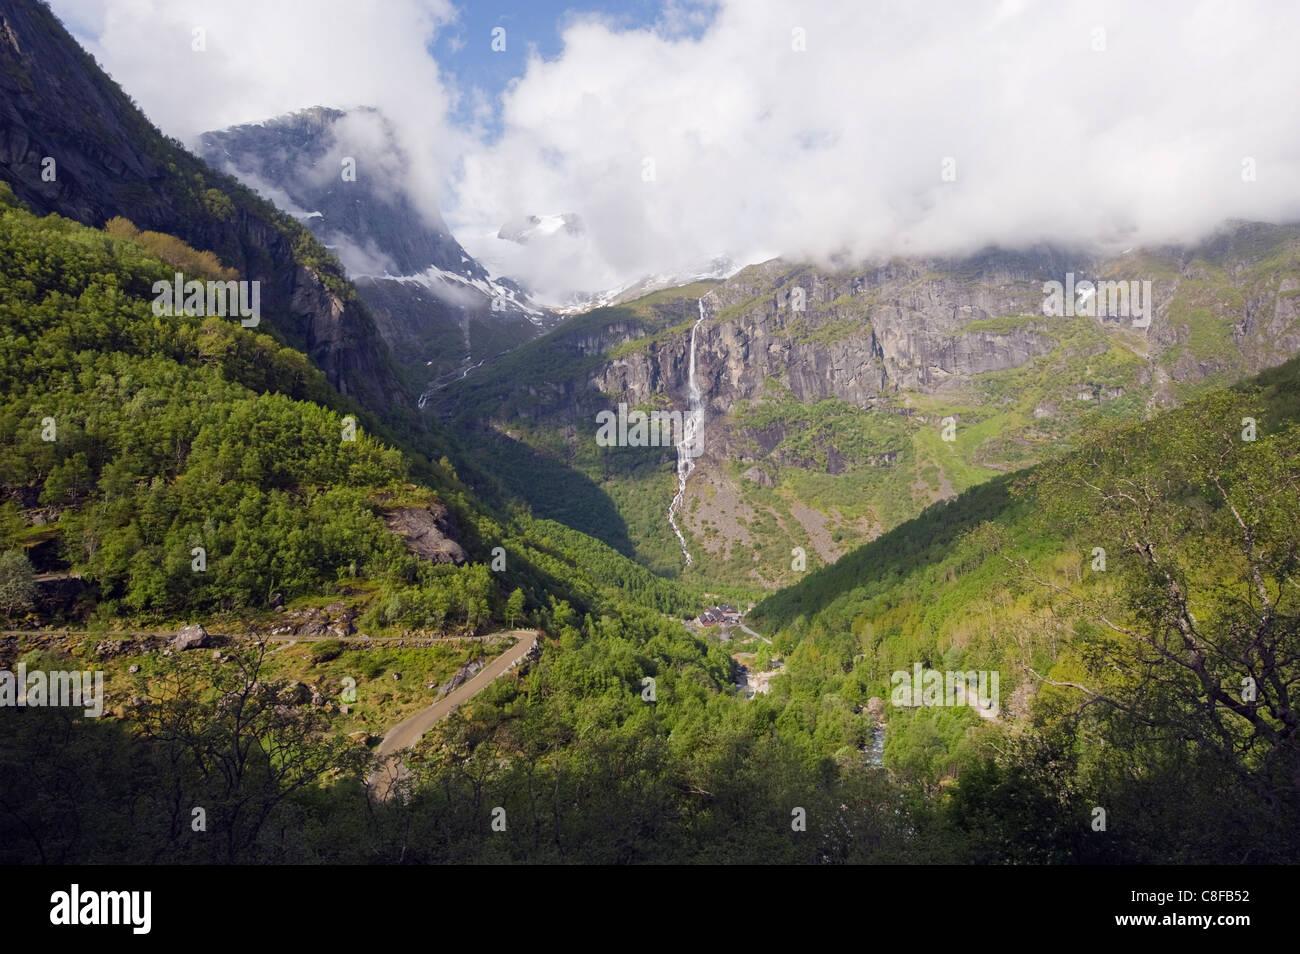 Jostedalsbreen glacier, Western Norway, Norway, Scandinavia - Stock Image